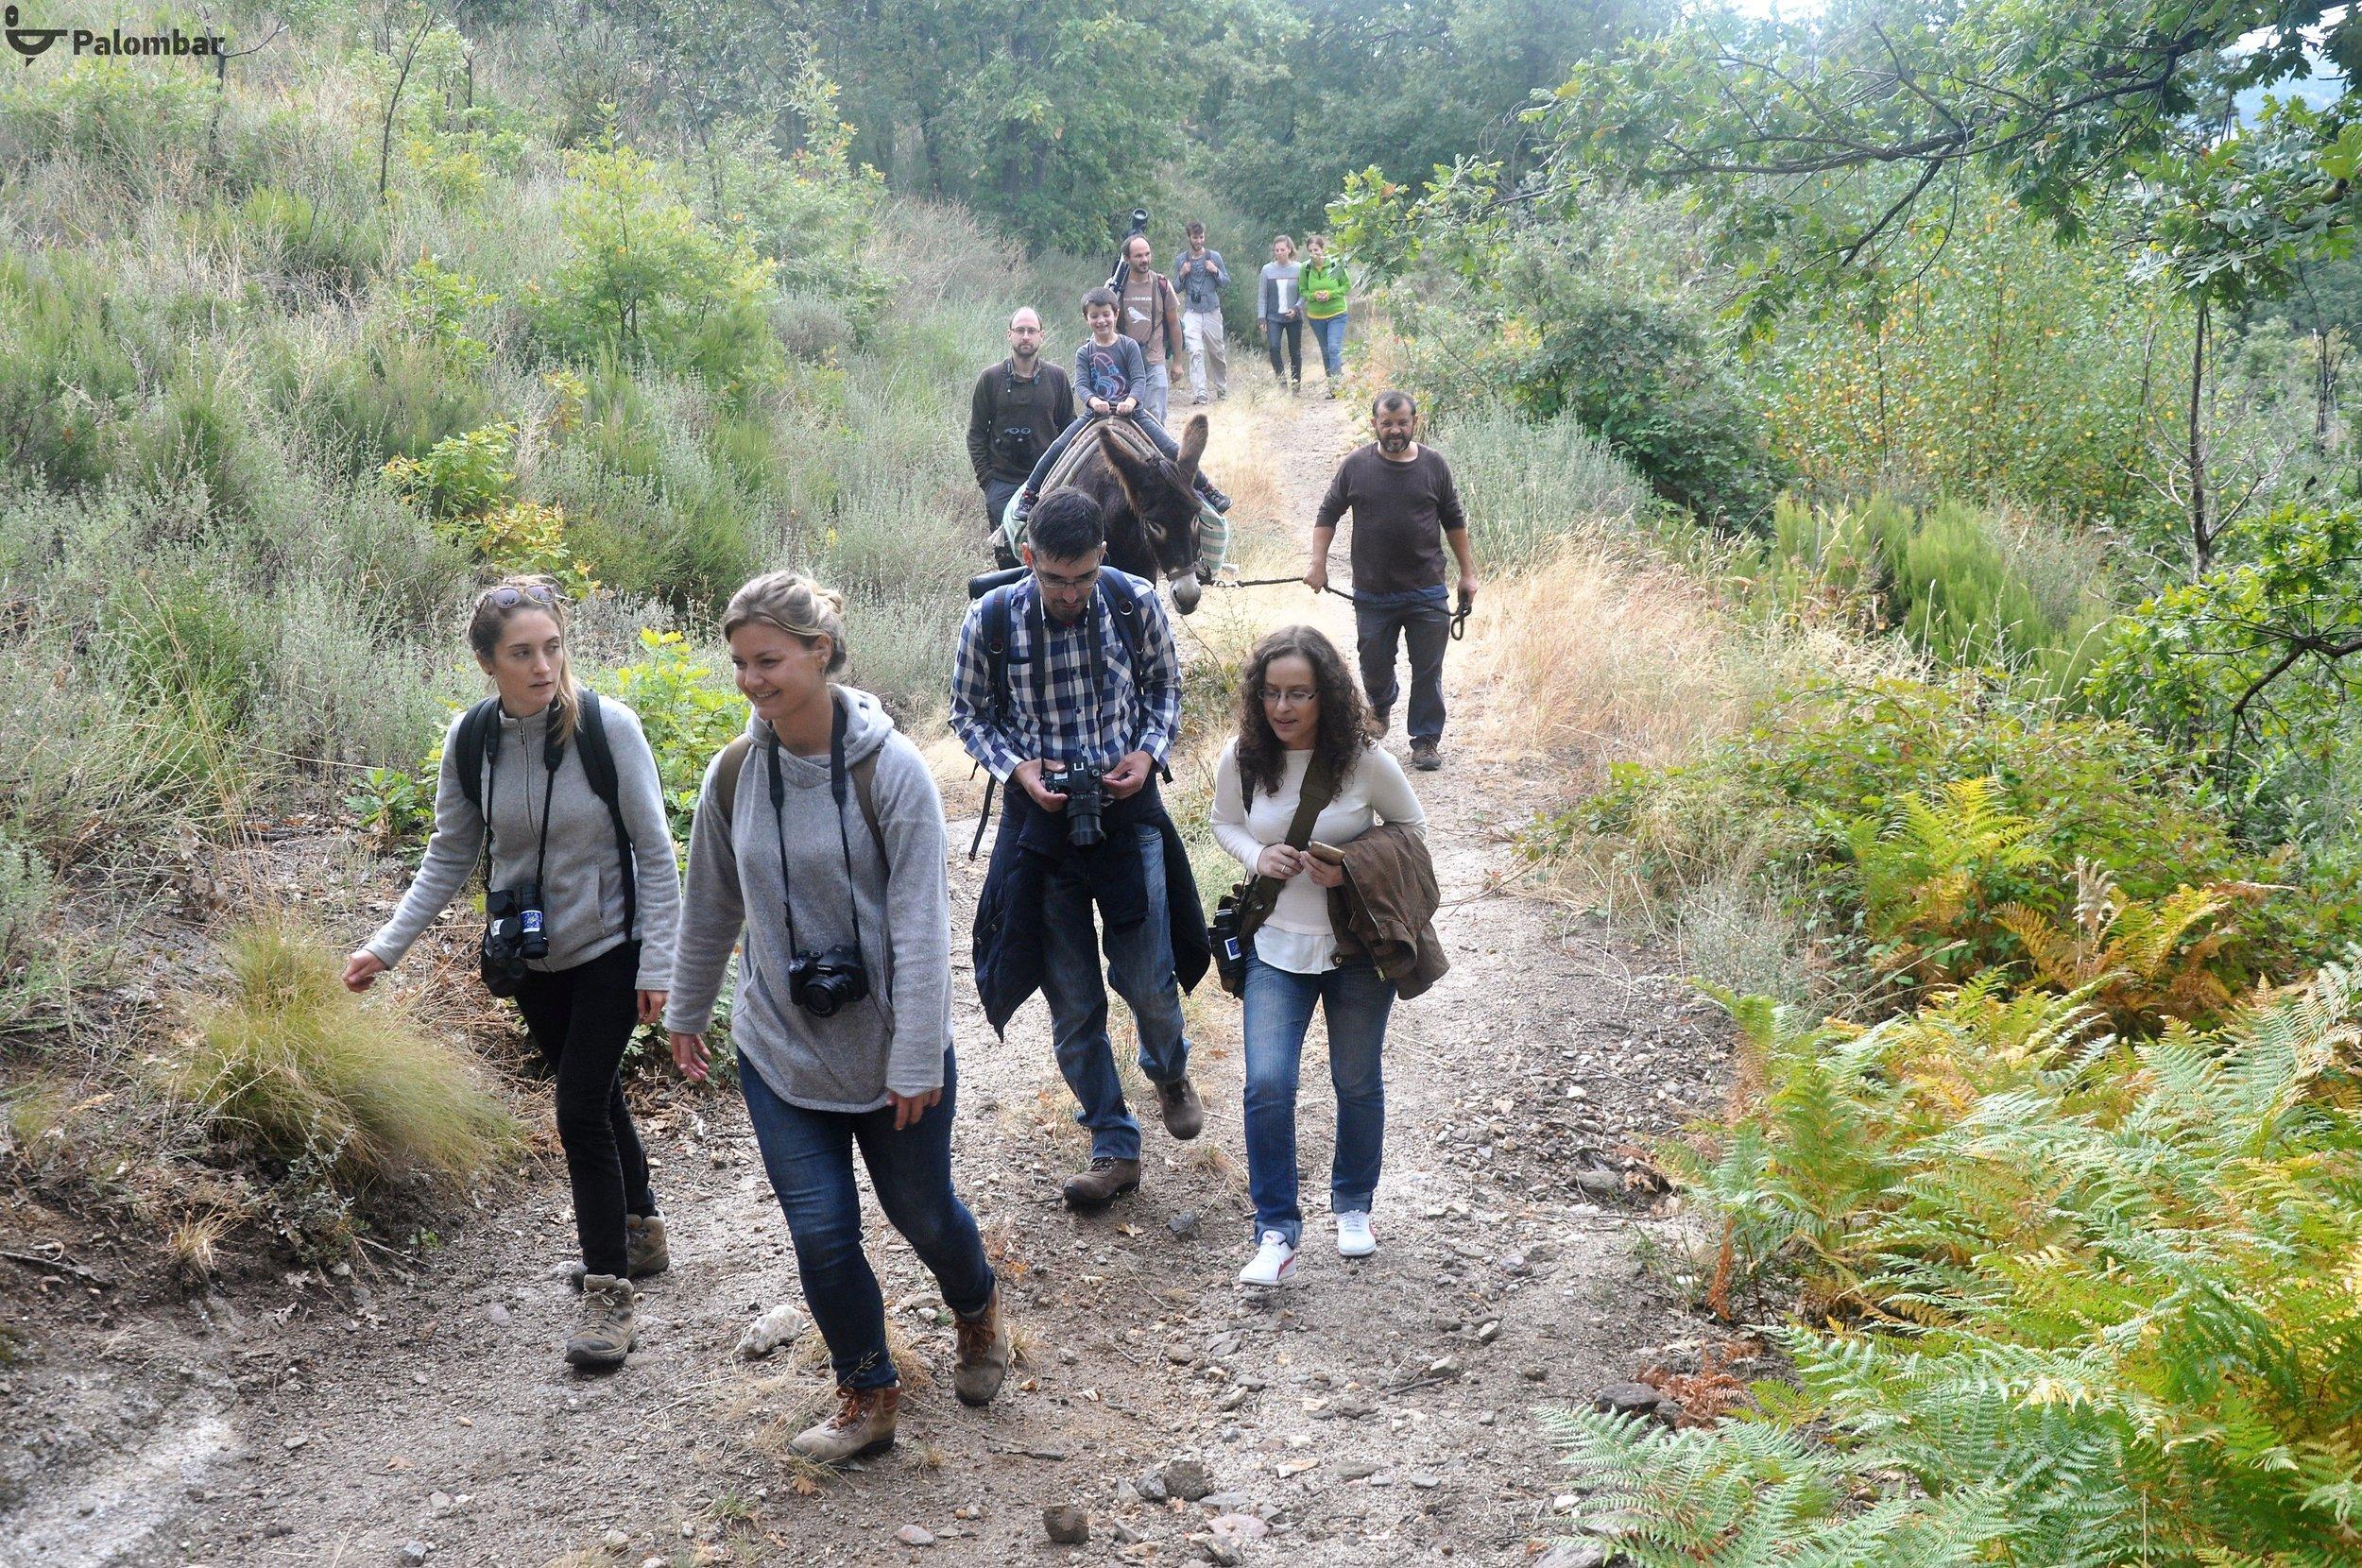 Parque Natural de Montesinho - percurso | 13 de outubro de 2018